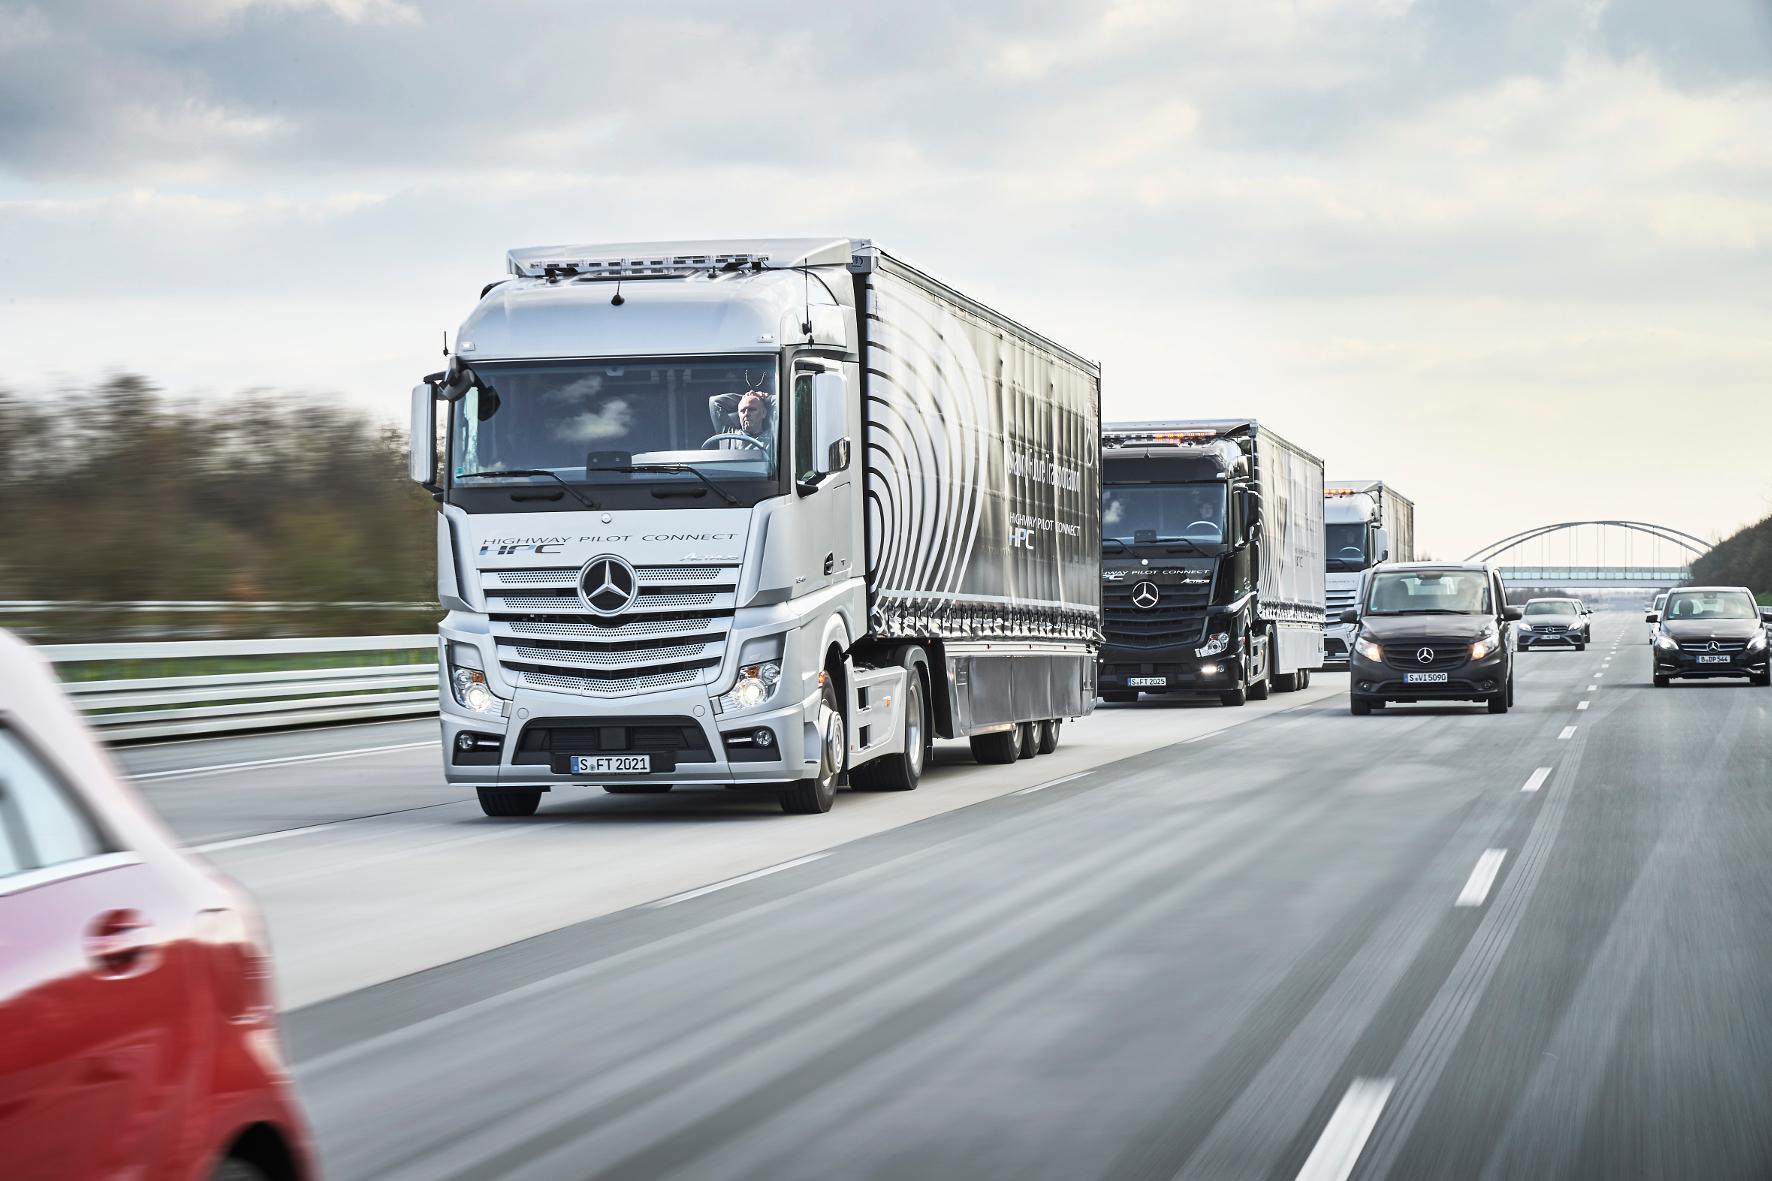 mid Nürburgring - Unterwegs in digitaler Mission: Um innovative Lösungen und das automatisierte Fahren voranzubringen, hat die Politik sogar ein Testfeld auf der Autobahn eingerichtet.